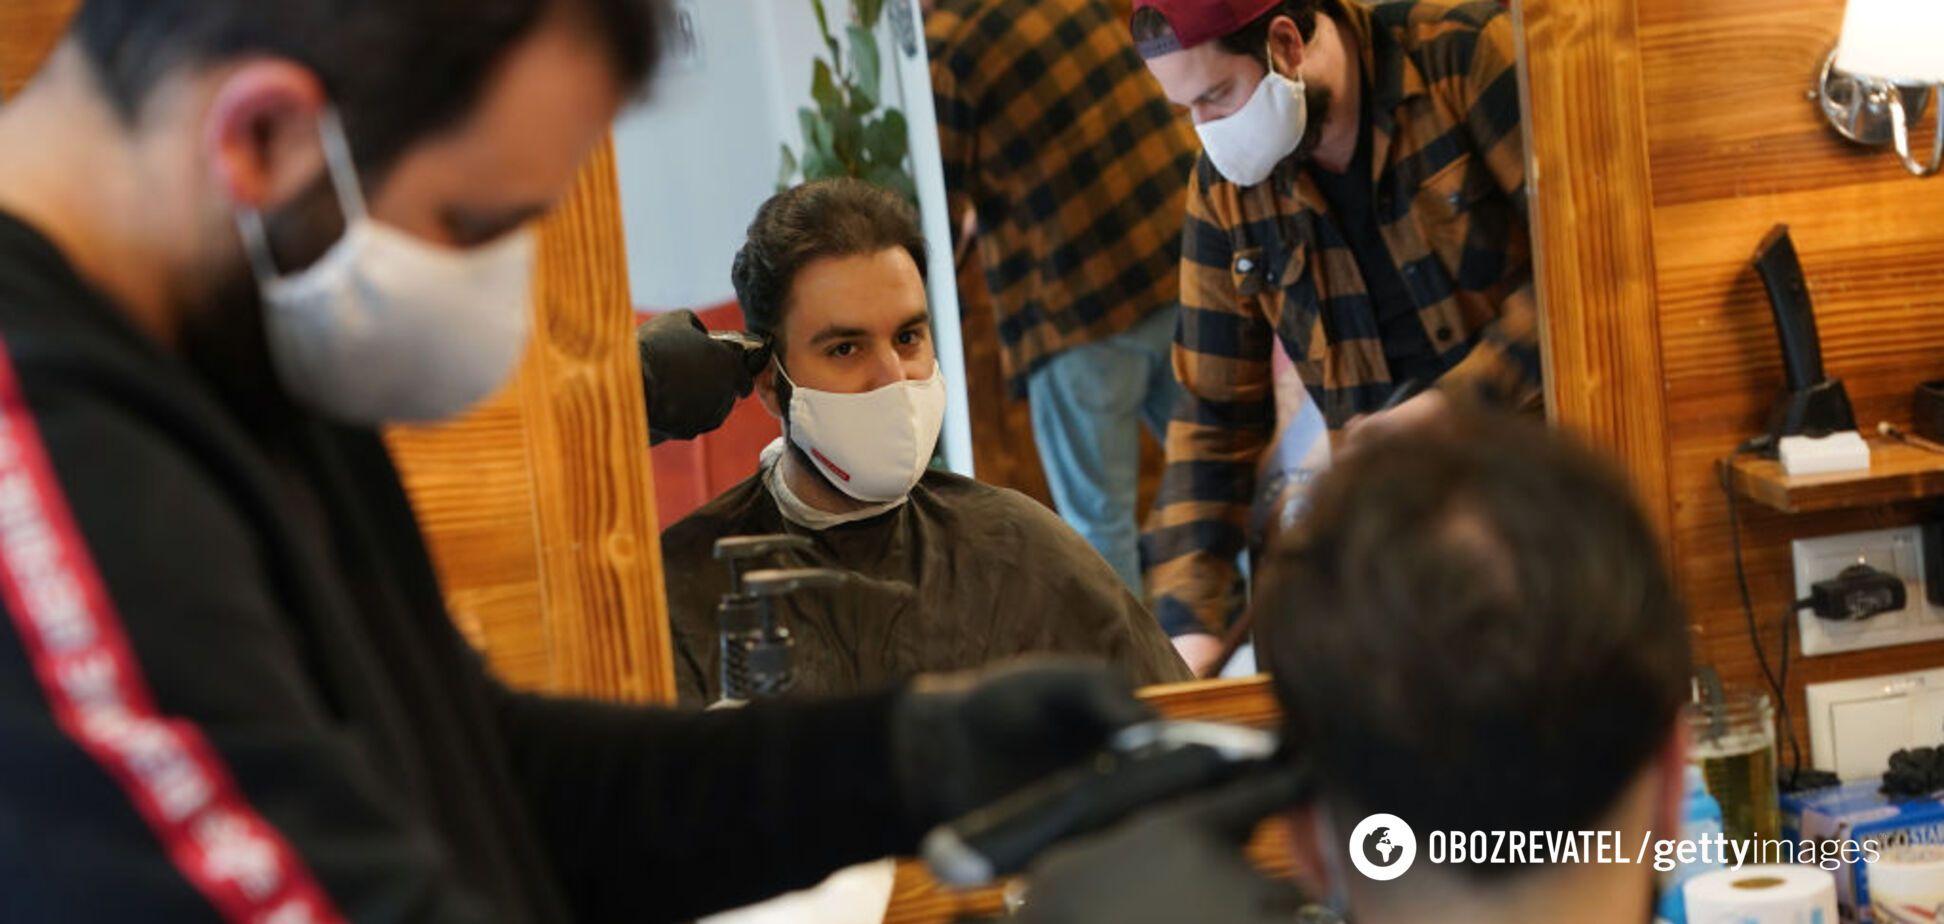 Парикмахерские – рассадник коронавируса: медик предупредил украинцев об опасности